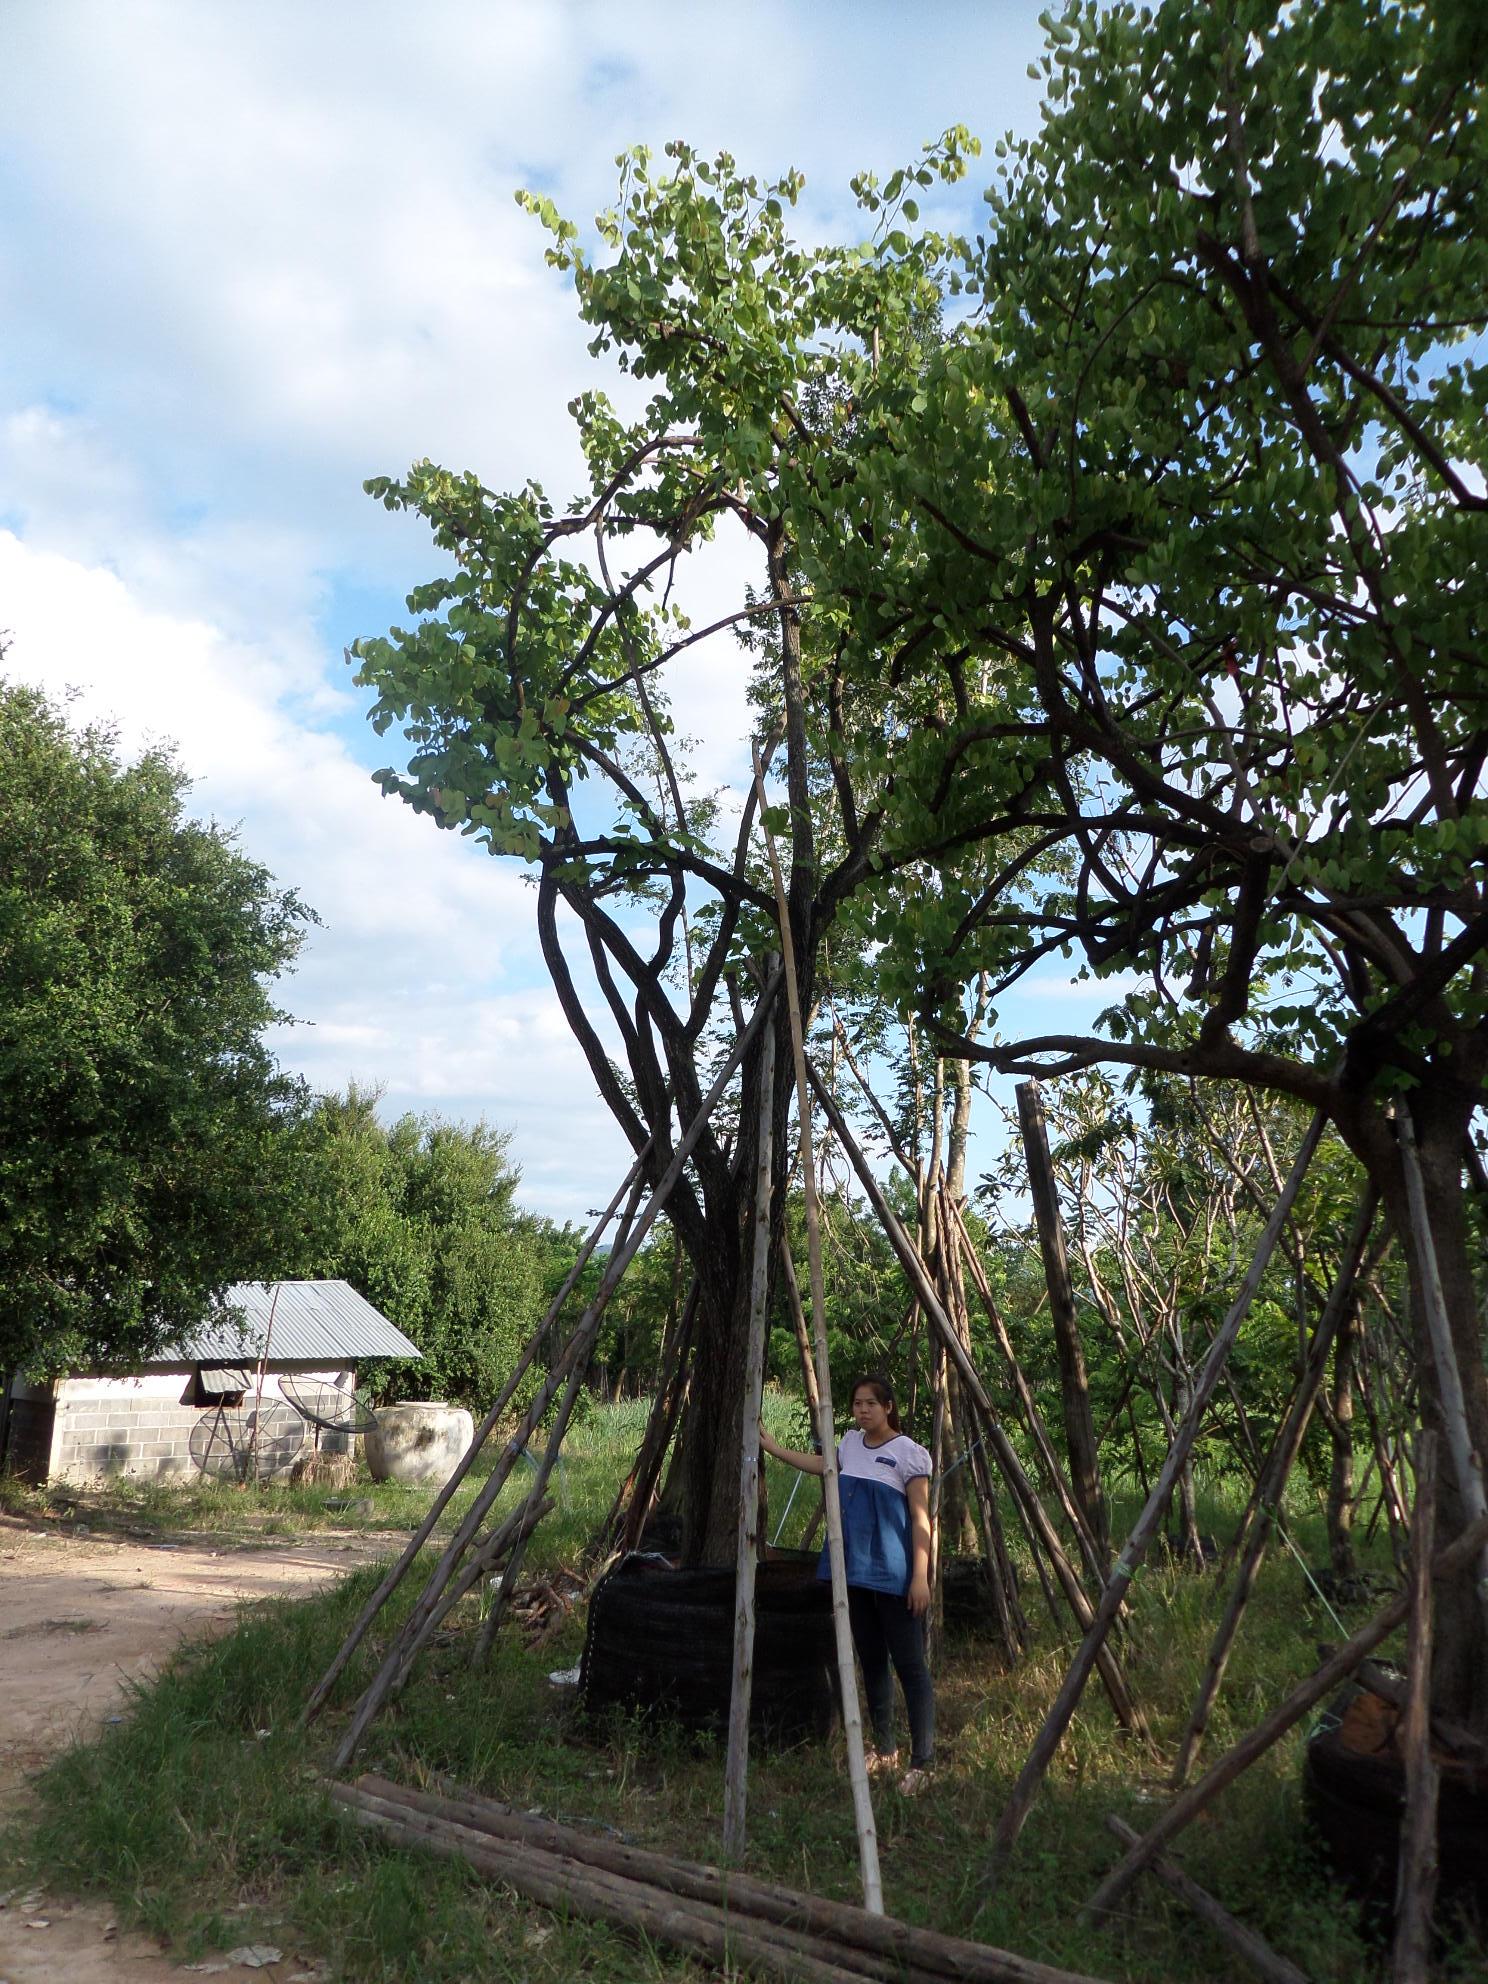 ขายต้นเสี้ยวป่า 17 นิ้ว